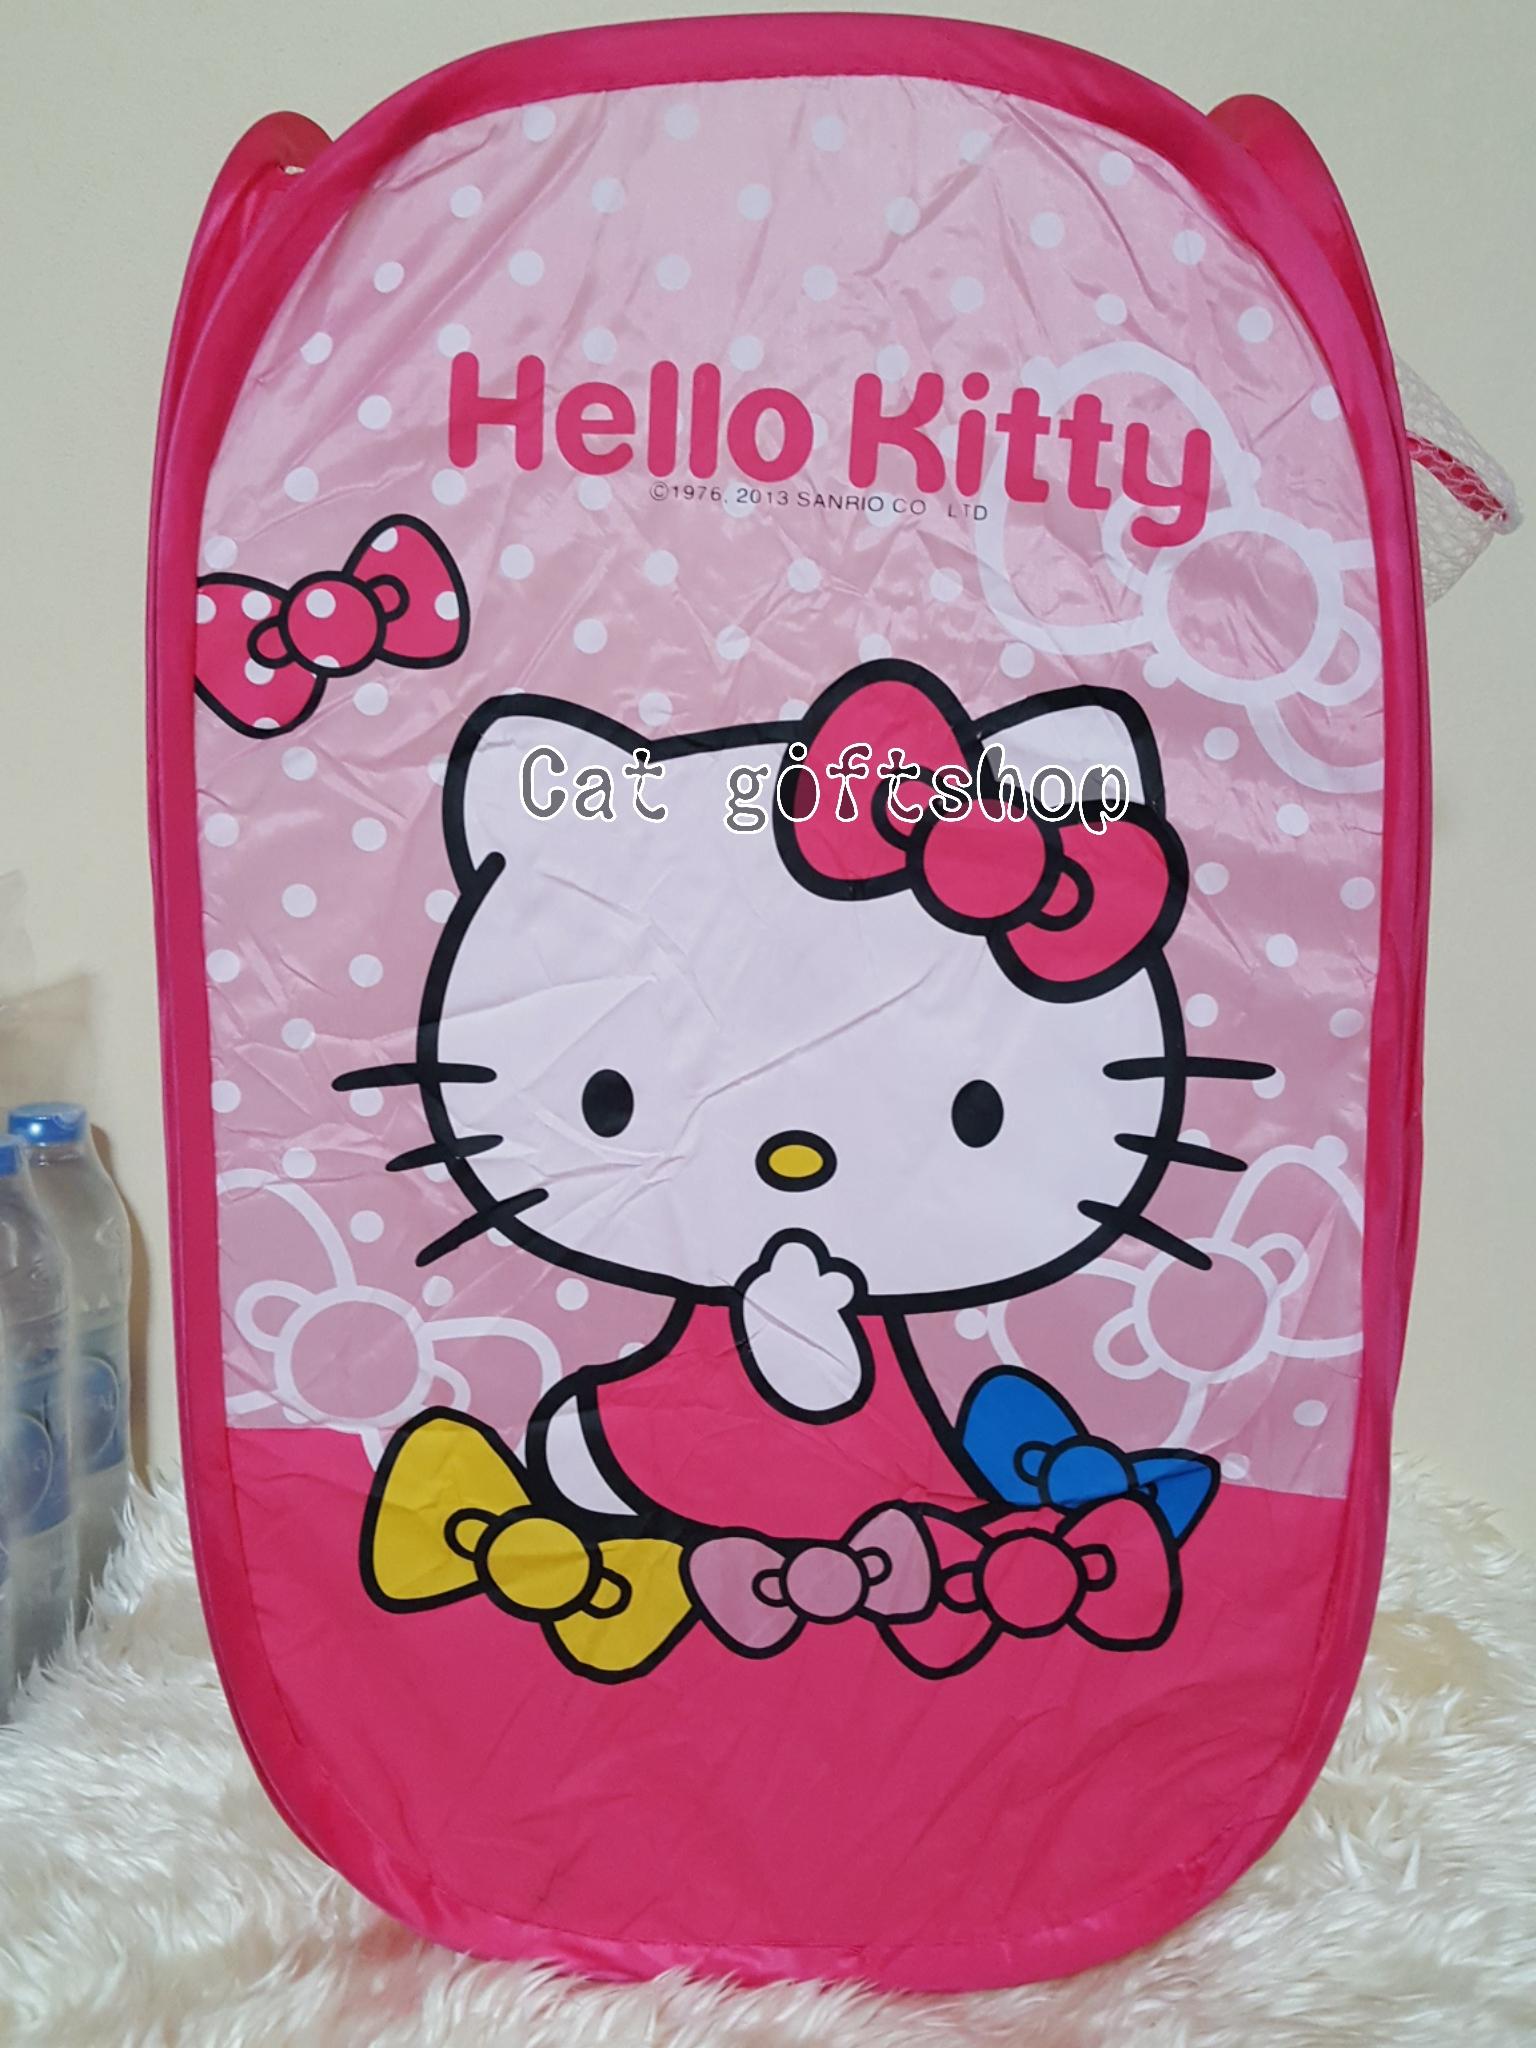 พร้อมส่ง :: ตะกร้าตาข่าย พับได้ ลาย Hello kitty